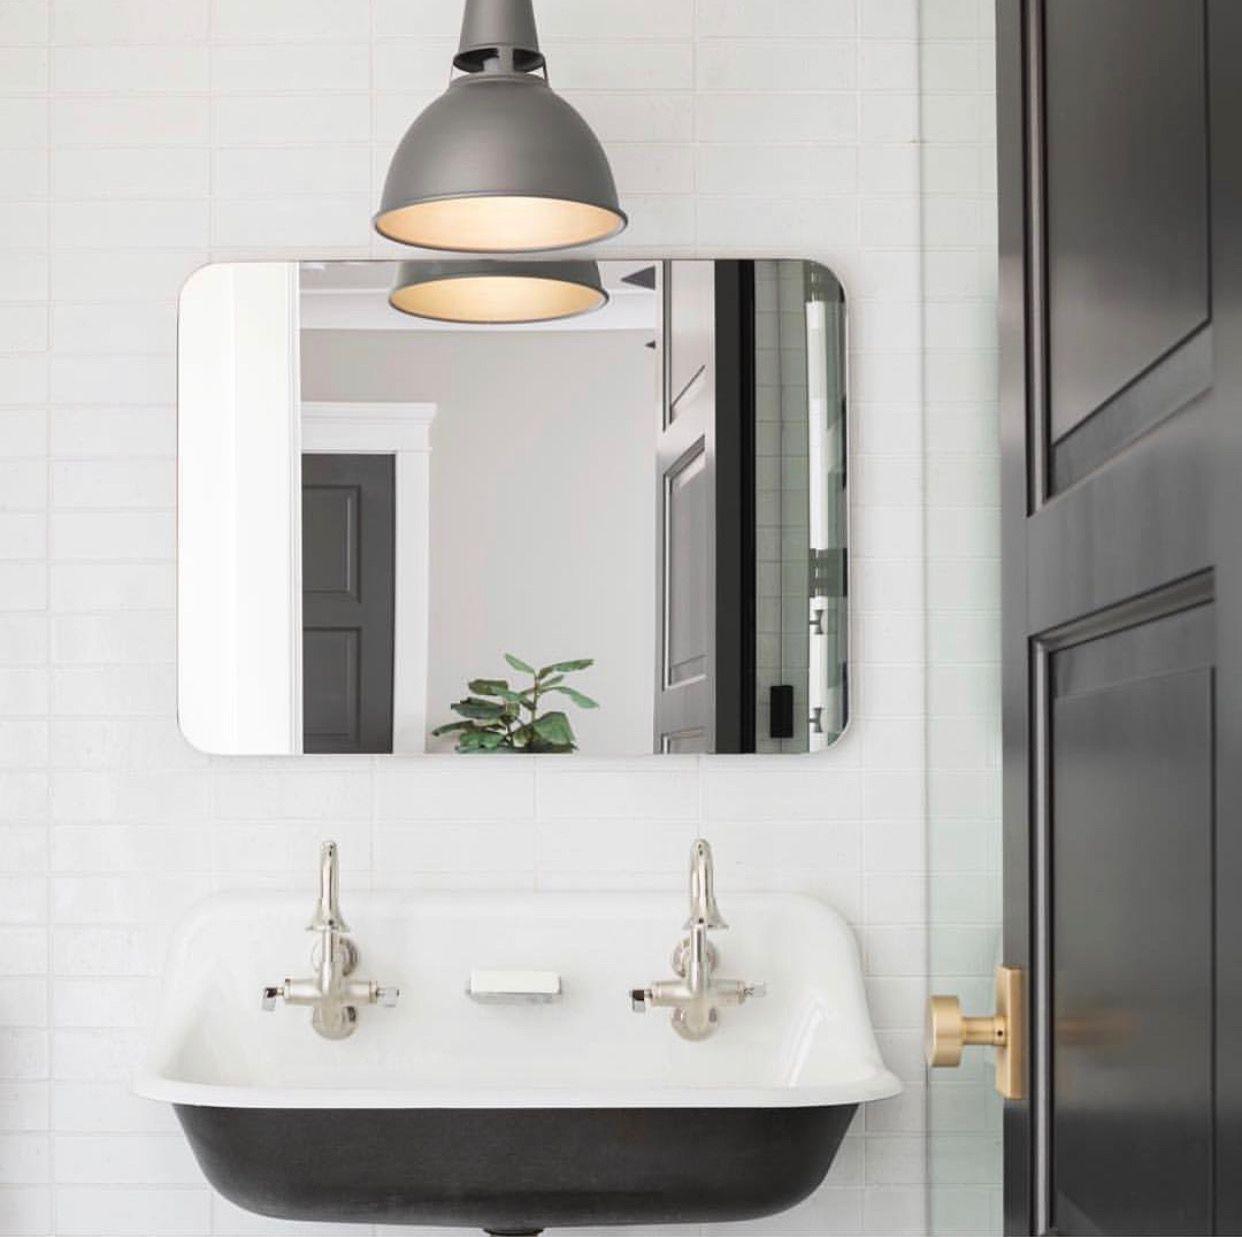 Pin By Angel Wier On Half Bath Bathroom Decor Amazing Bathrooms Round Mirror Bathroom [ 1237 x 1242 Pixel ]